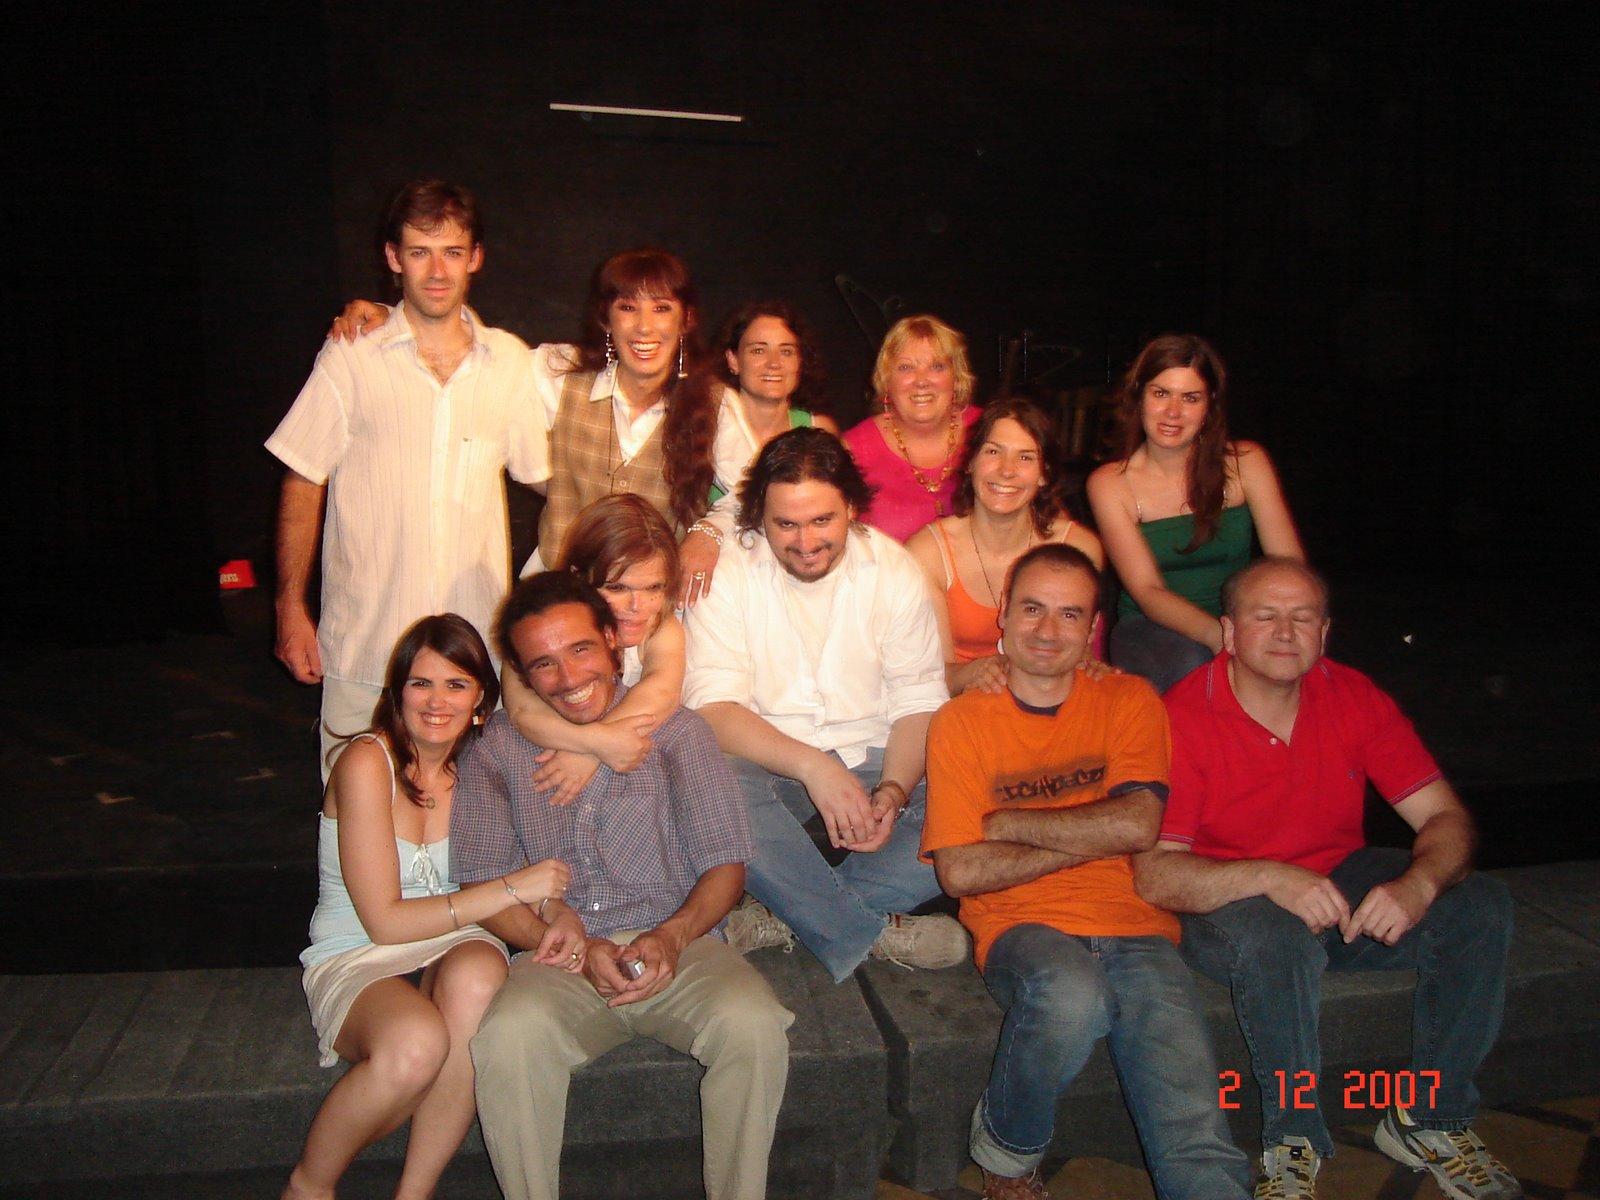 Gure Antzerkiko kideak 2007eko abenduan emanaldi bat egin ostean